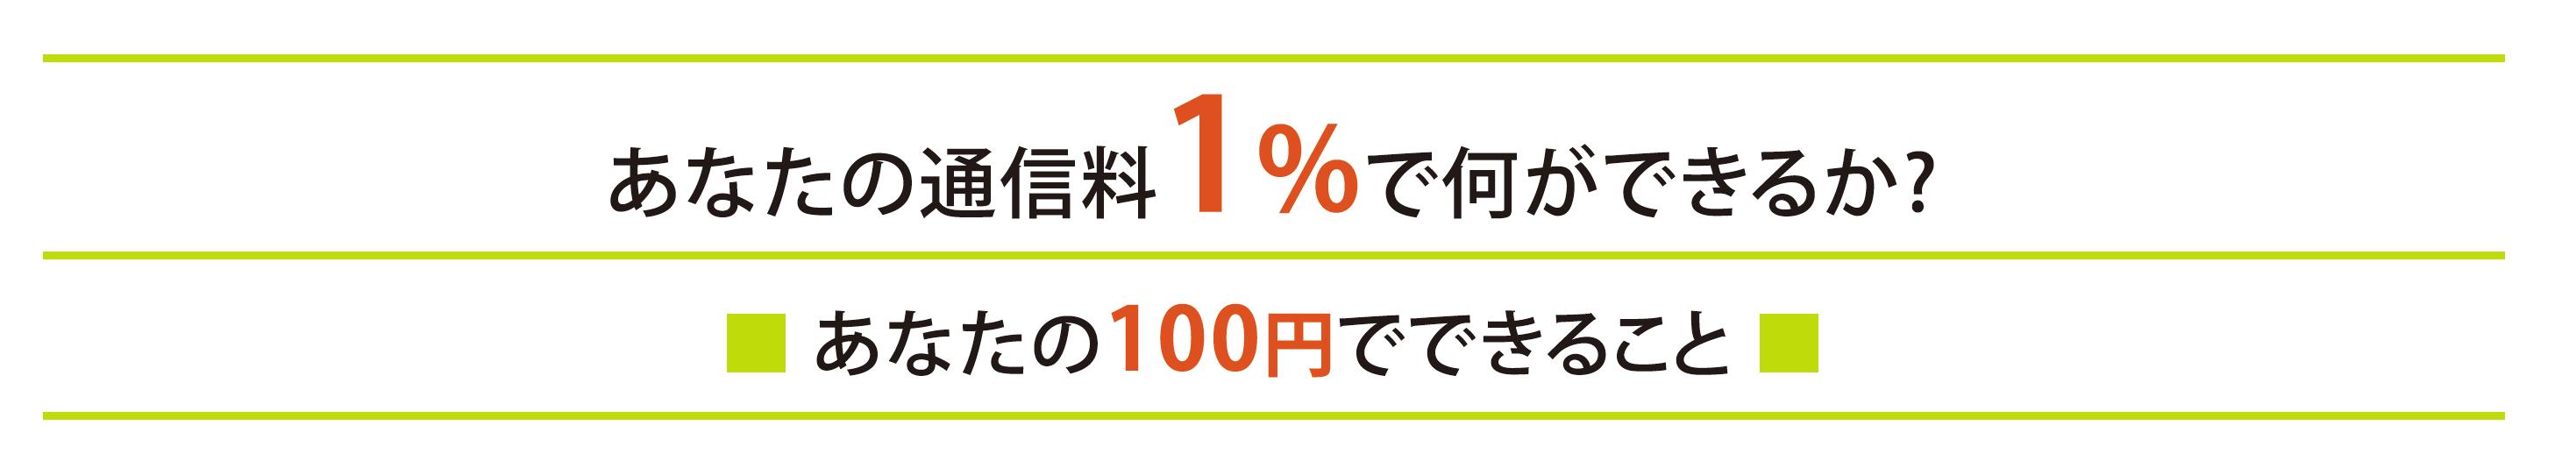 あなたの通信量1%で何ができるか?あなたの100円でできること